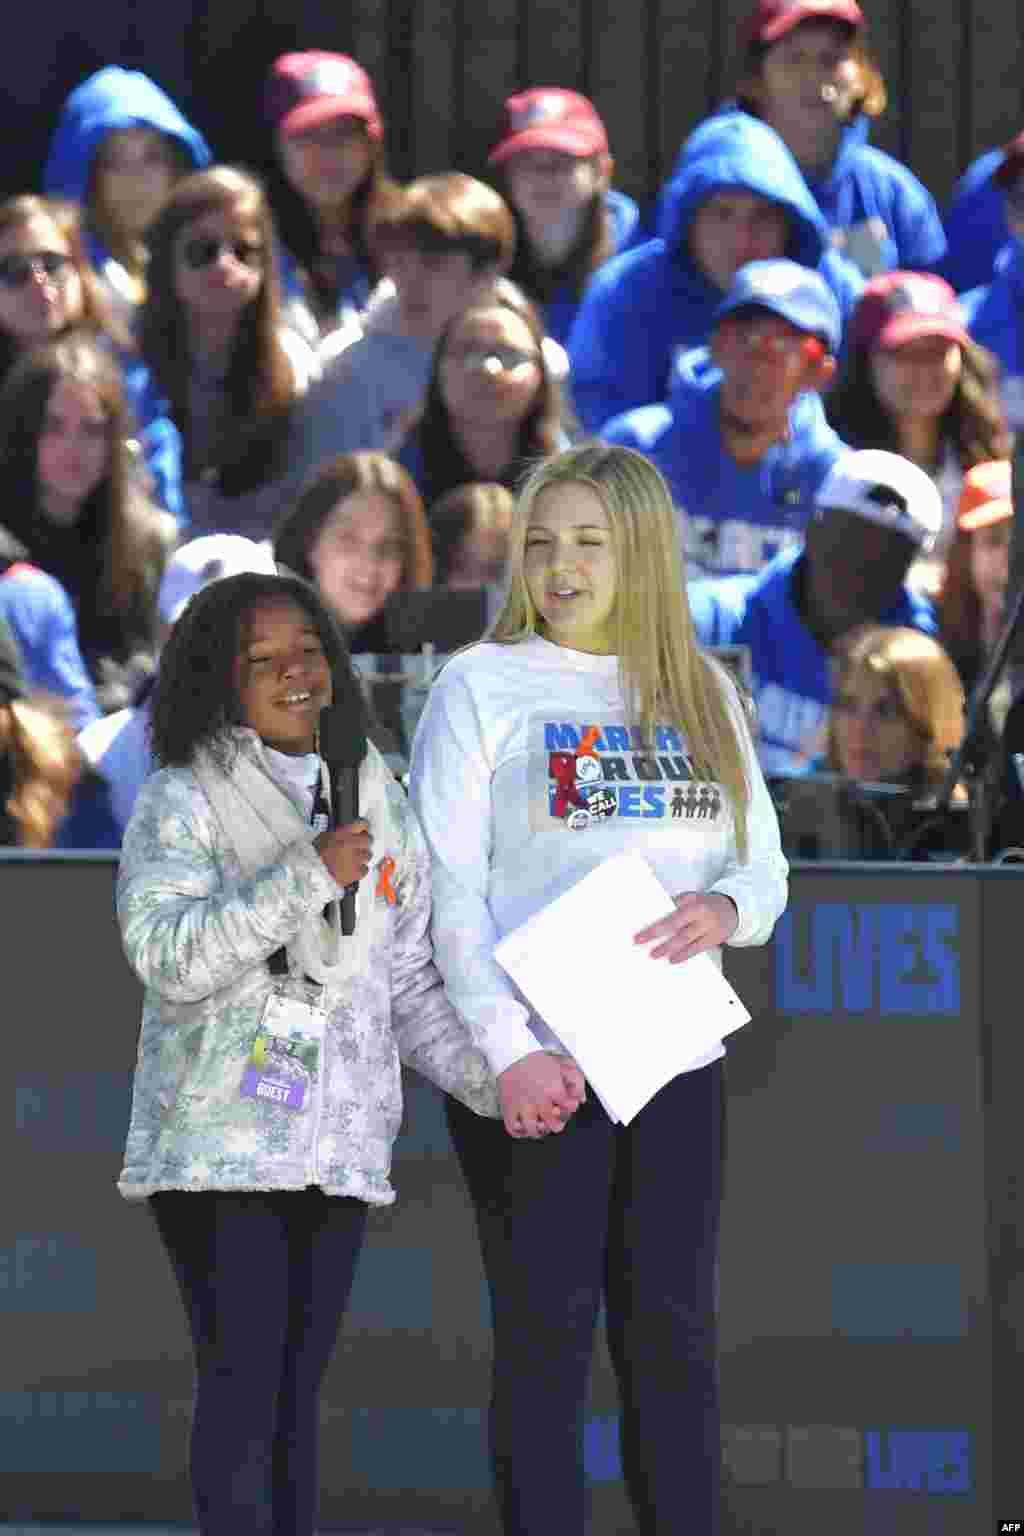 """La petite-fille de Martin Luther King Jr, Yolanda Renee King, à gauche, parle à côté de l'étudiante Jaclyn Corin lors du rassemblement de """"Marche pour nos vie"""" à Washington le 24 mars 2018."""